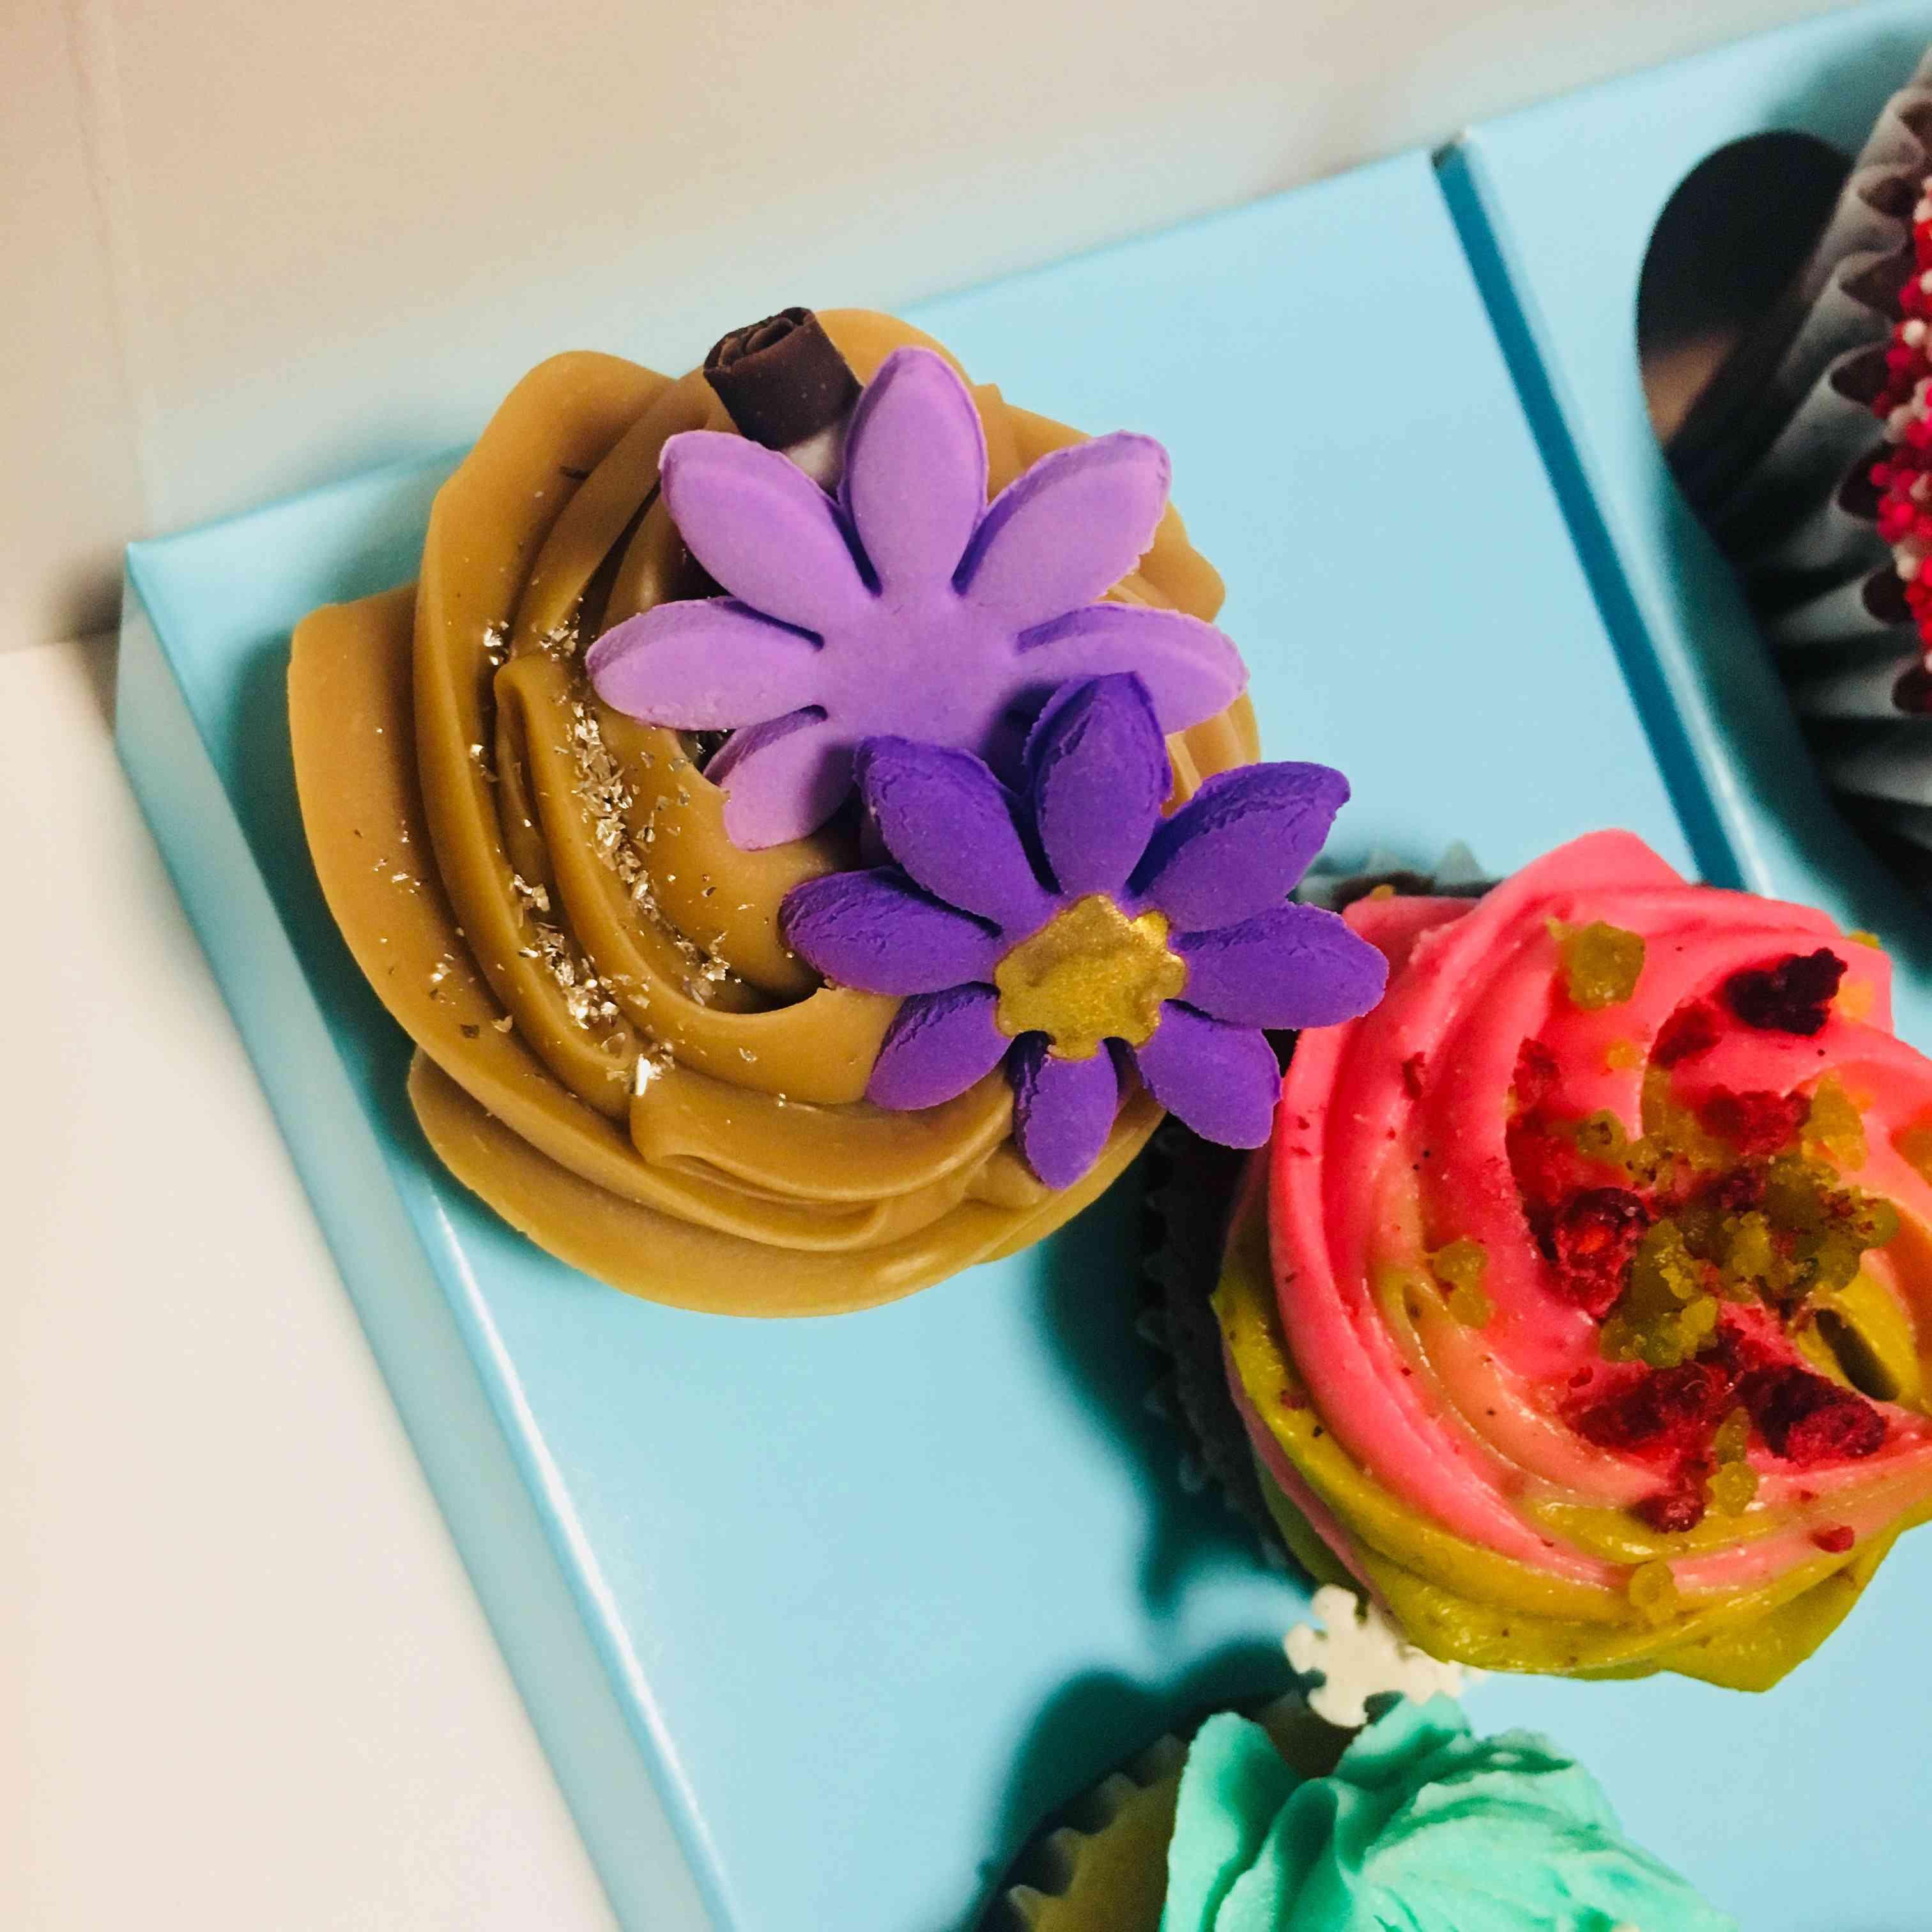 インスタ映えカップケーキ♡LOLA'S Cupcakes Tokyo_1_5-3